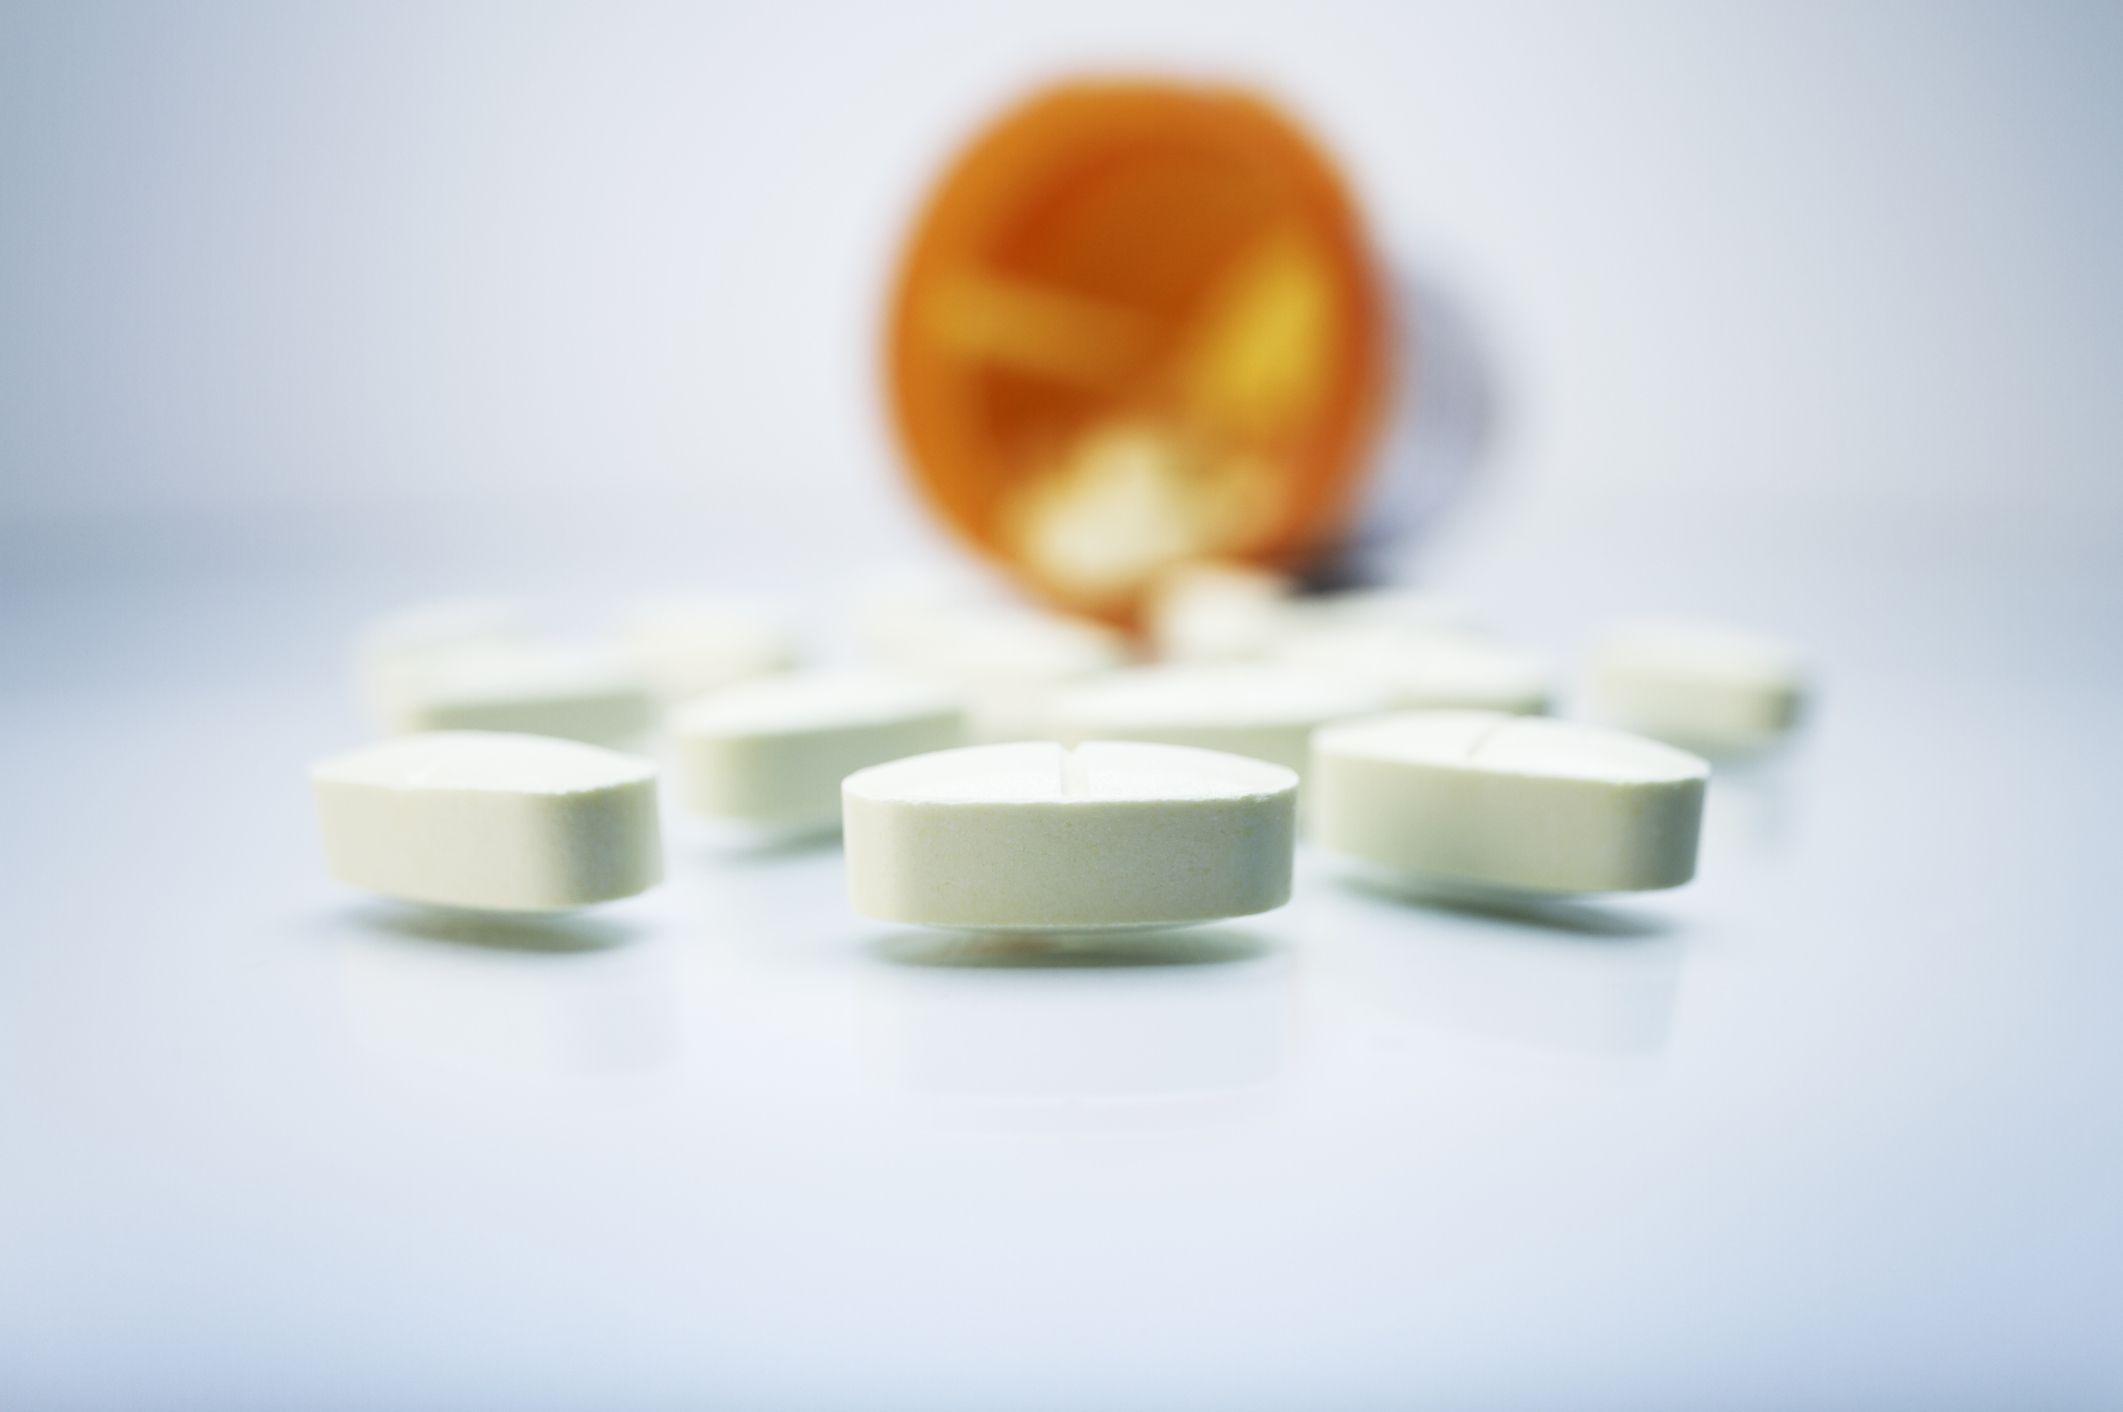 Bottle of pills spilled